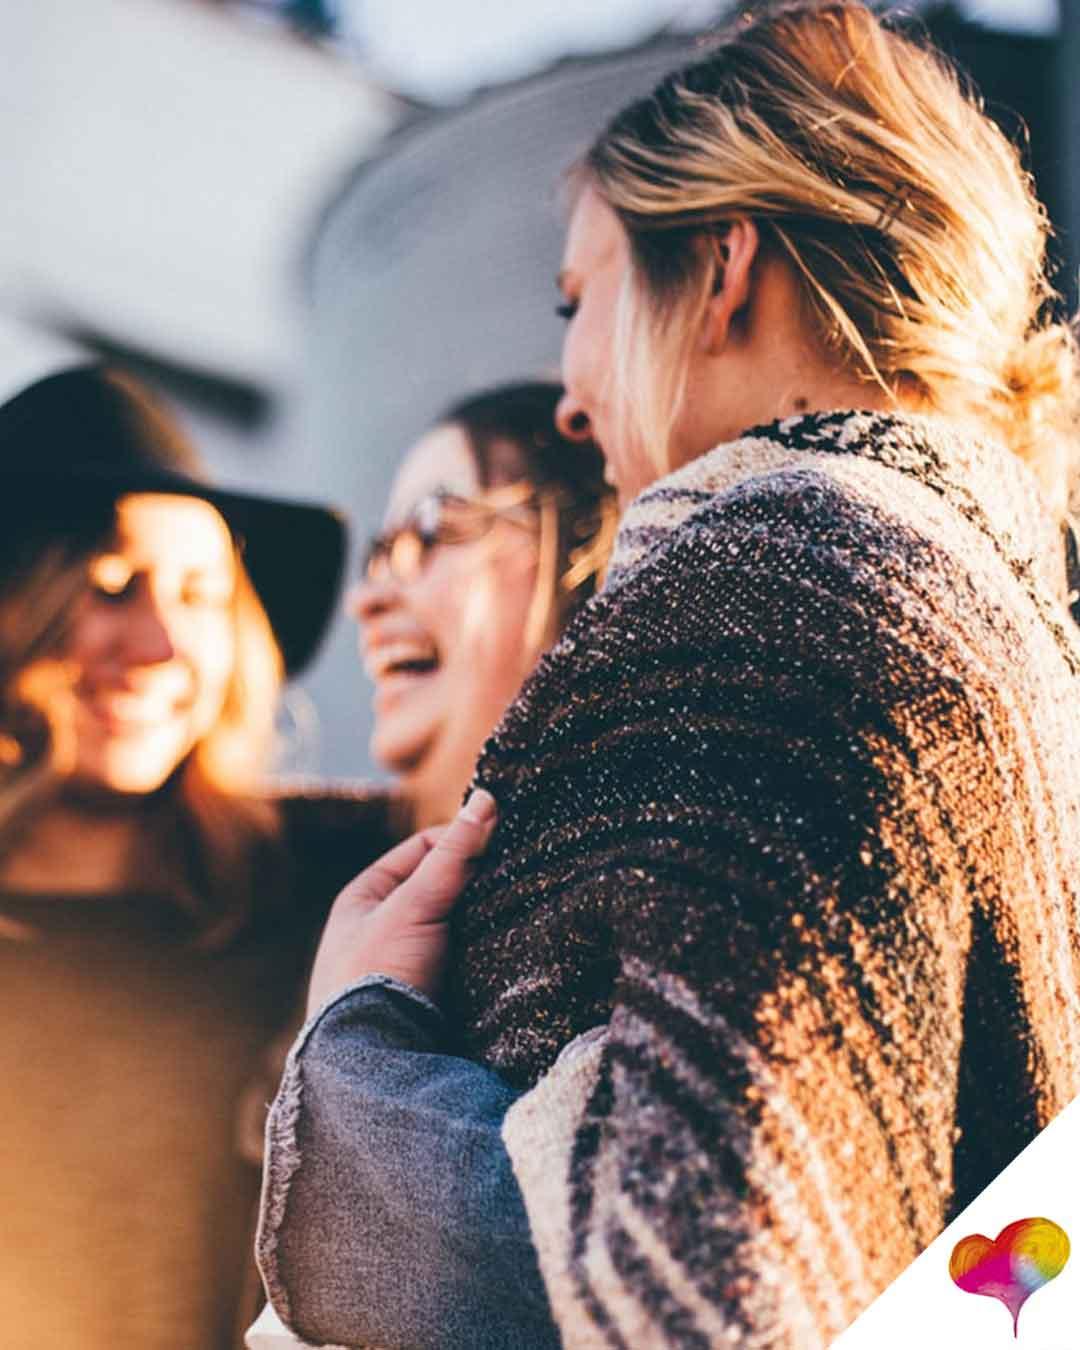 Wie soll man neue Leute kennenlernen? (Liebe und Beziehung, Freundschaft, Psychologie)